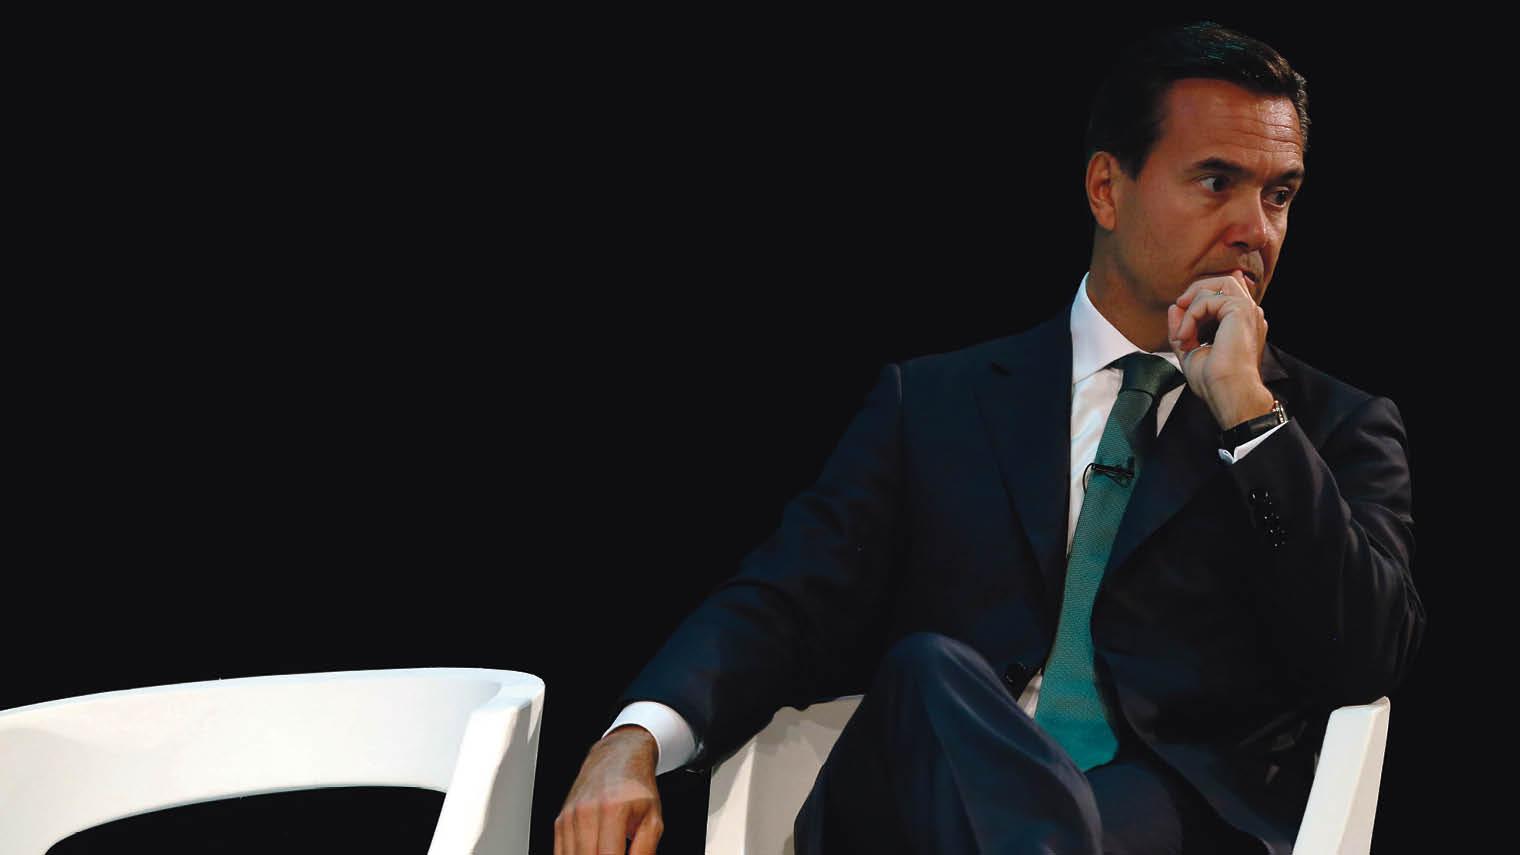 António HortaOsório, CEO of Lloyds Banking Group